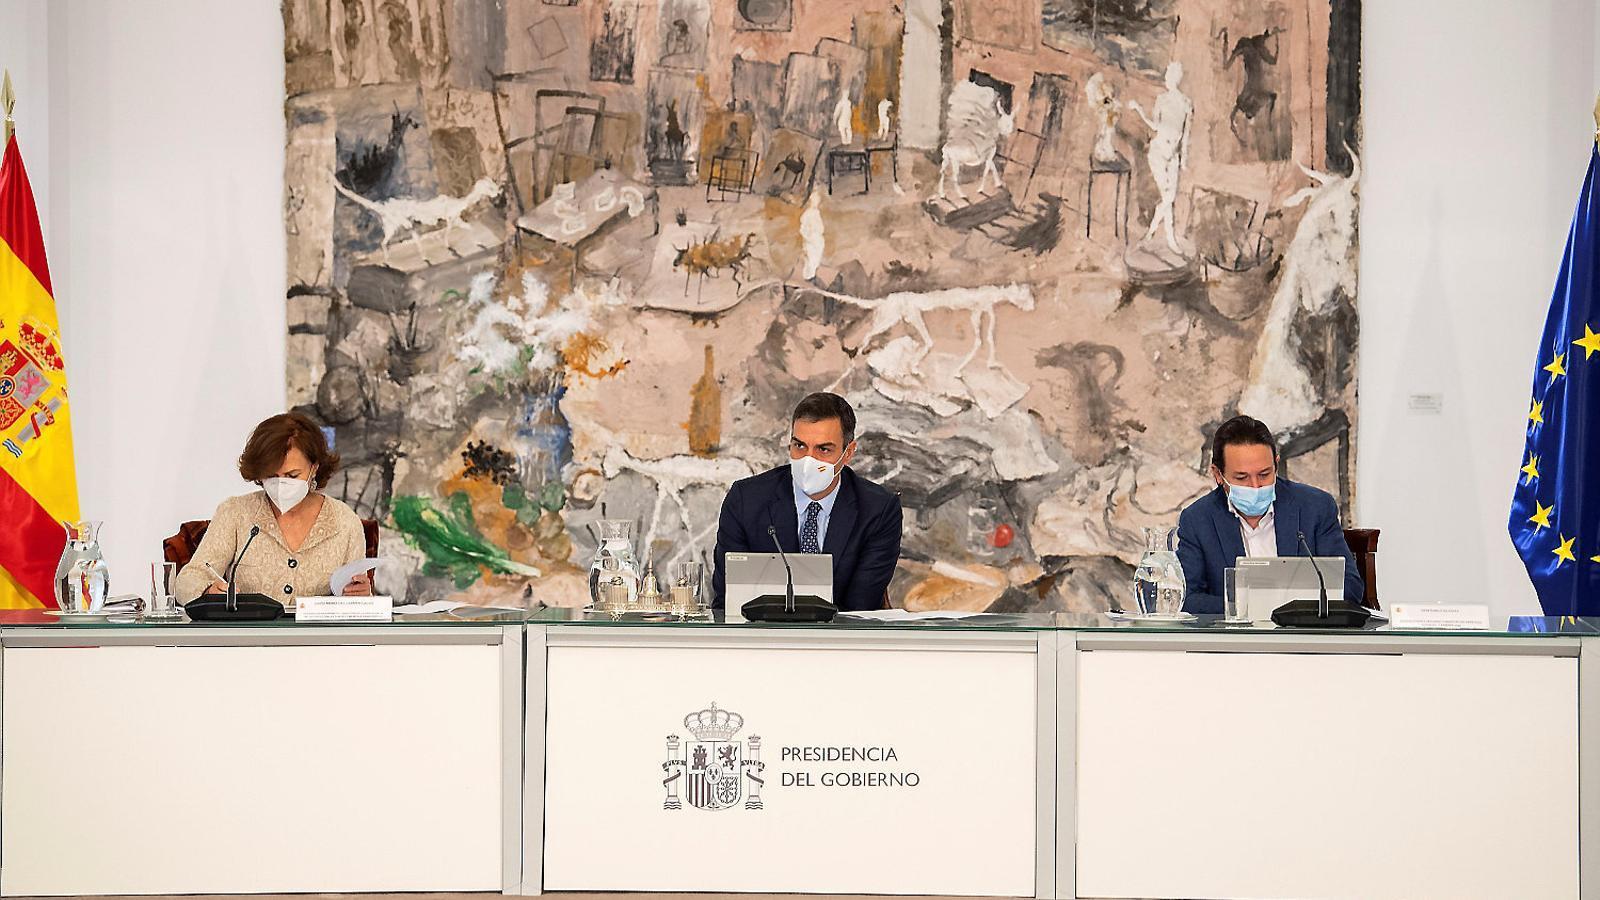 01. La reunió d'ahir del consell de ministres per decretar l'estat d'alarma. 02. Gabriel Rufián (ERC) al Congrés.